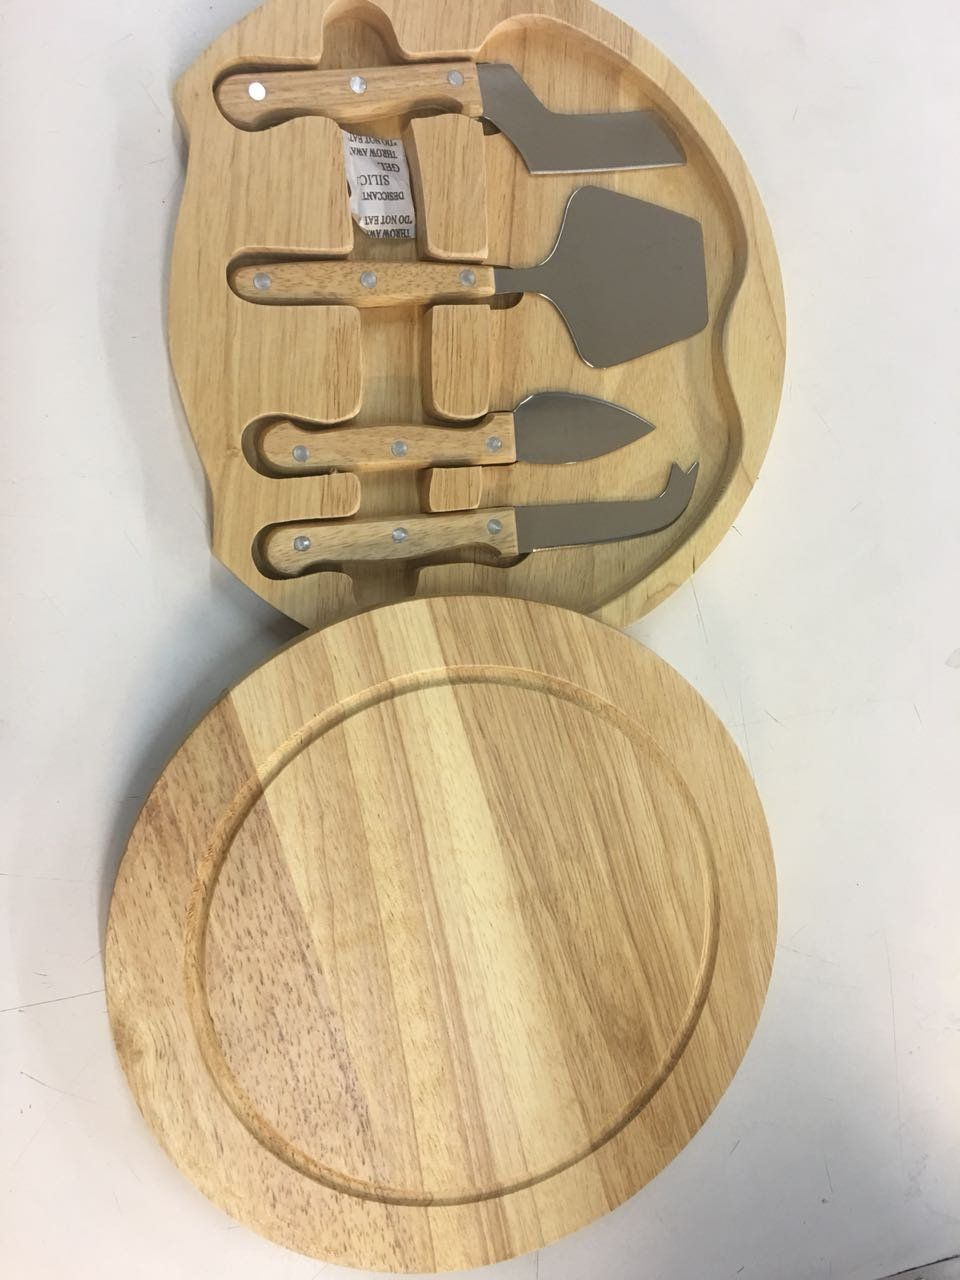 Kit 5 peças para queijo de aço inox e madeira com estojo e tábua de madeira Pontual - P143185